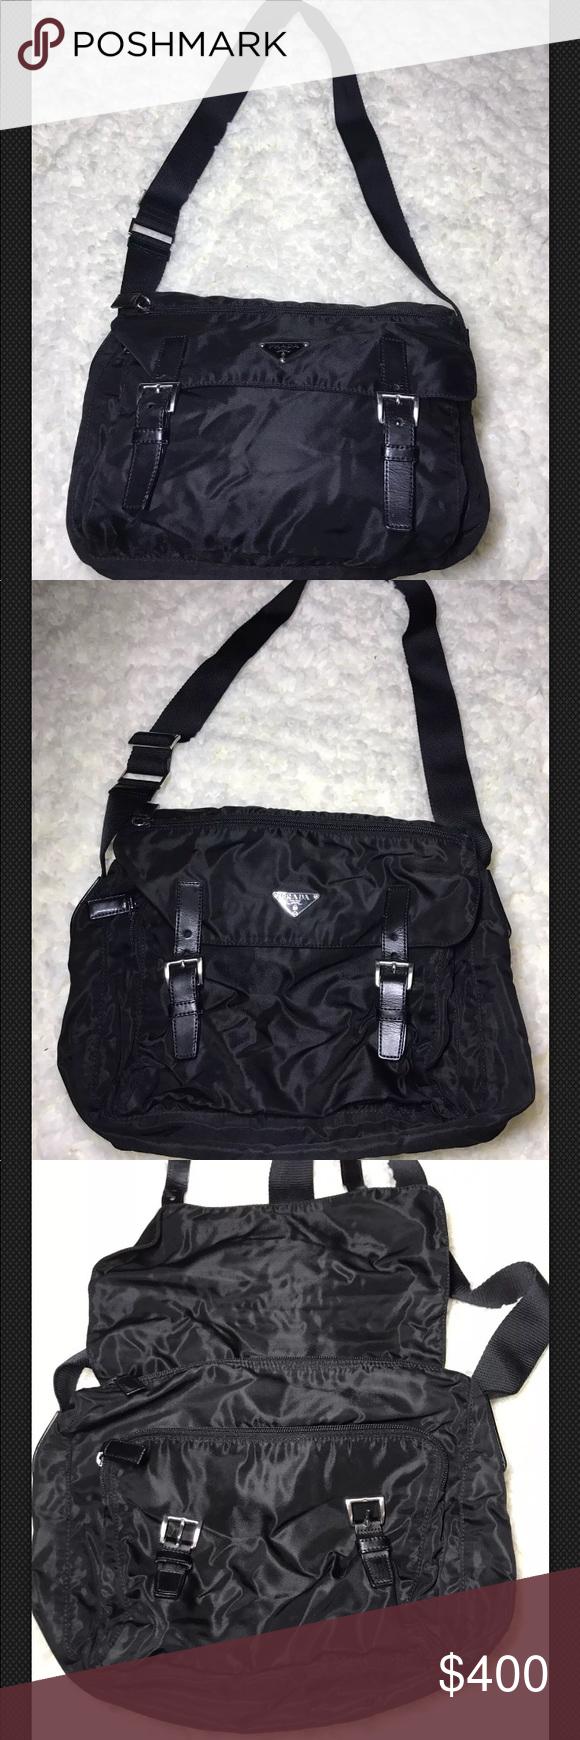 9fd2b32592cf NWT Prada Messenger black nylon Bag New with tags has original cards for authenticity  black nylon messenger definitely on trend Prada Bags Crossbody Bags